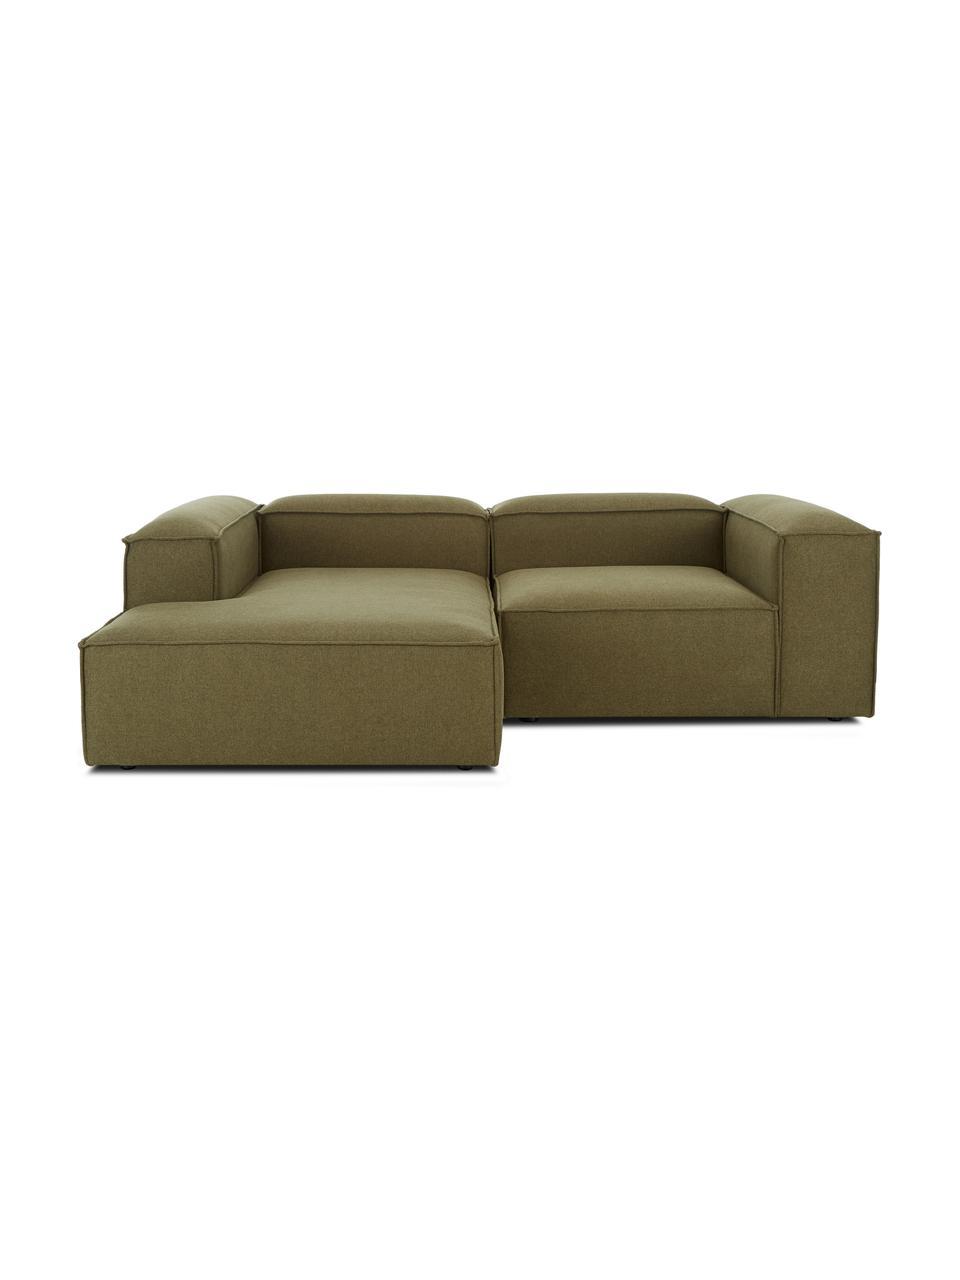 Canapé d'angle modulable vert Lennon, Tissu vert